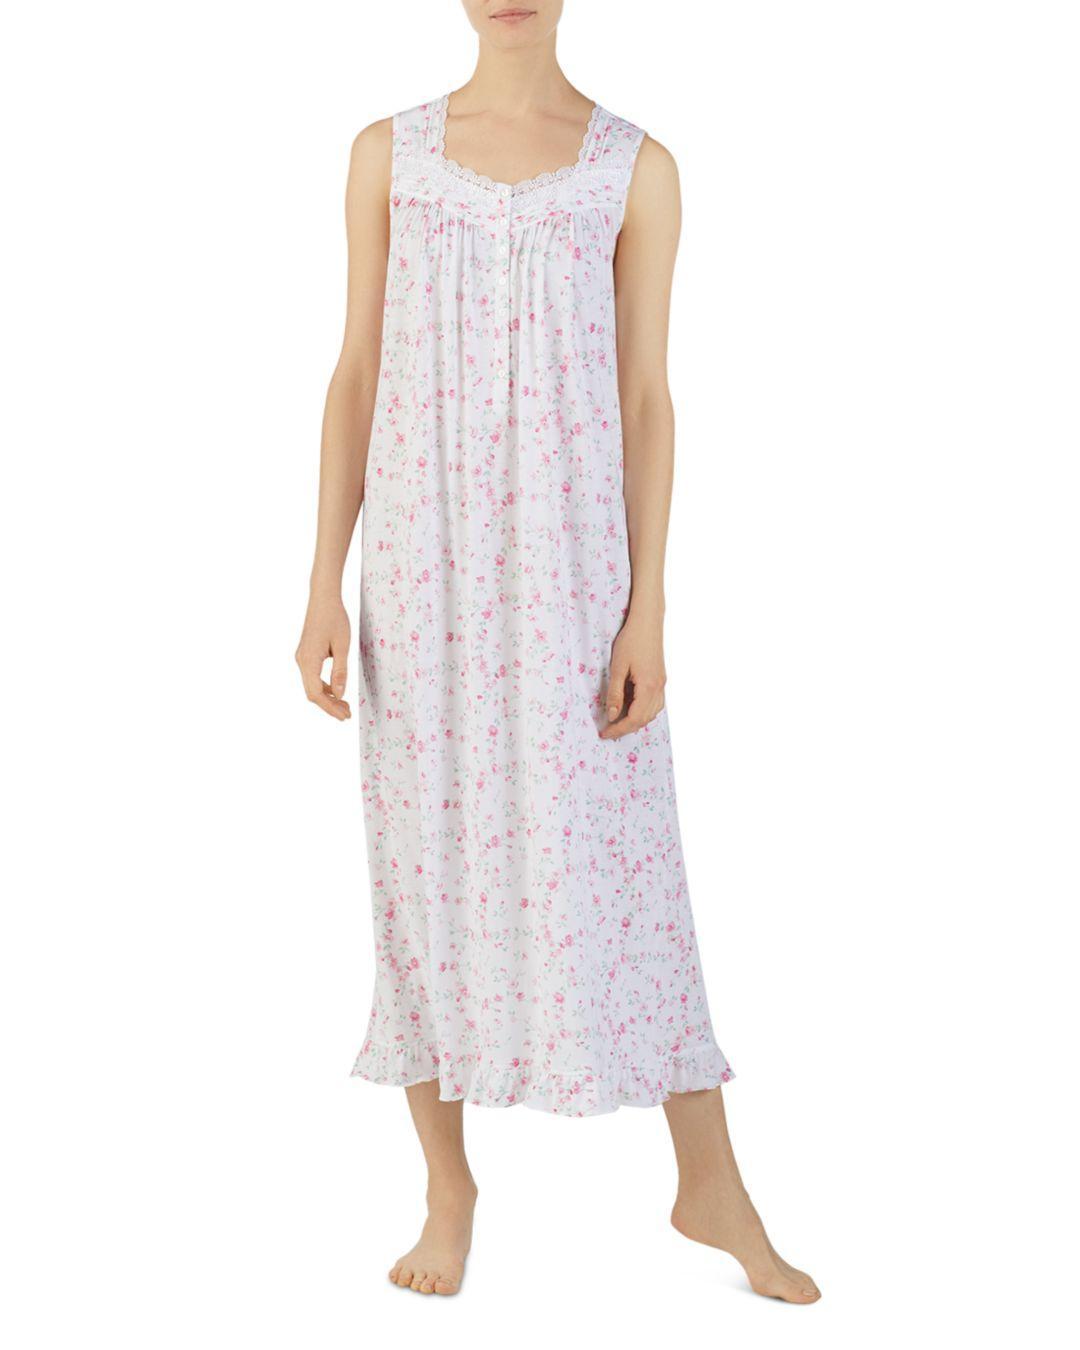 050b376a1f Eileen West. Women s Ballet Floral Print Sleeveless Nightgown